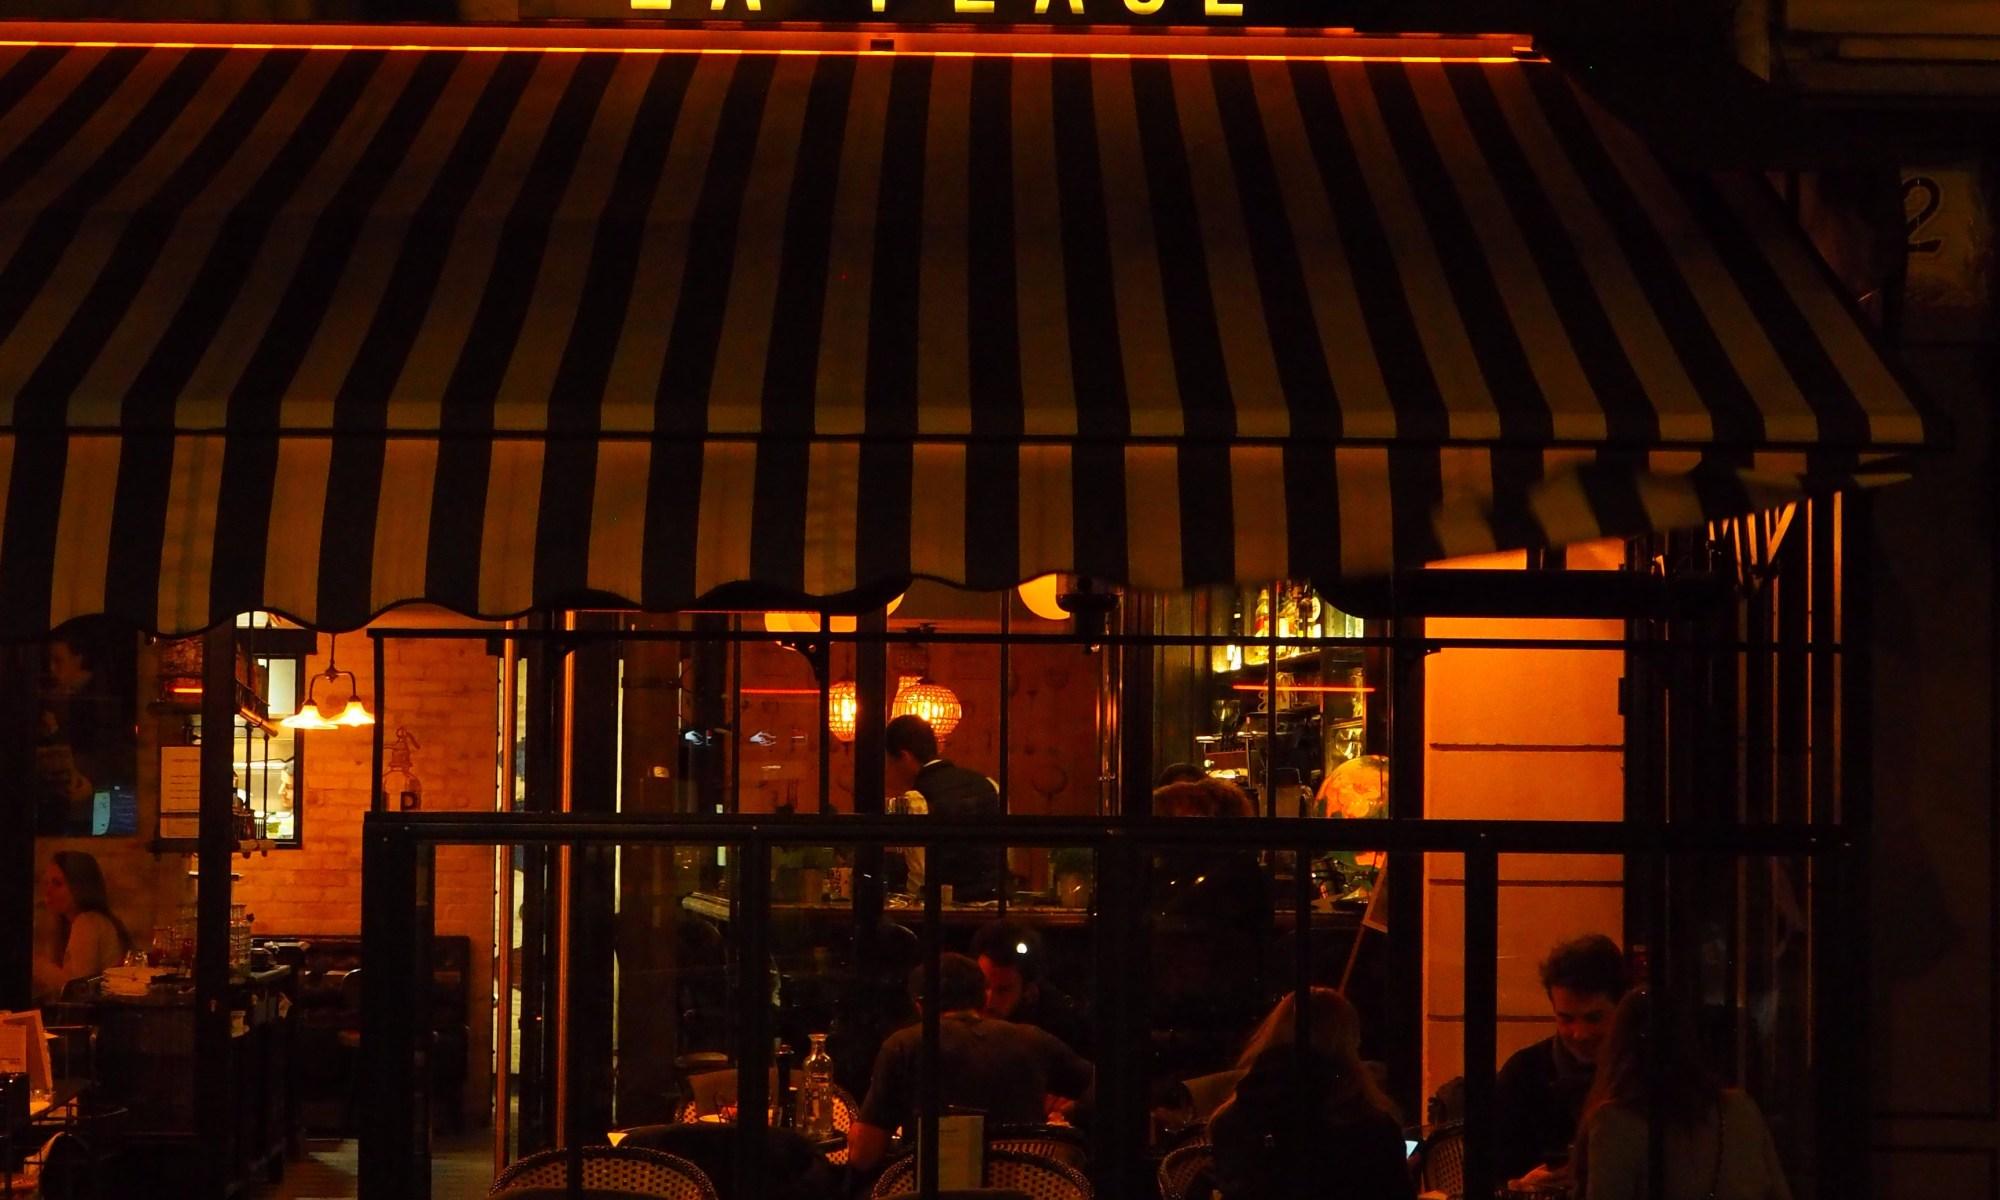 Terrasse, devanture, nuit, hiver, La Place, Neuilly